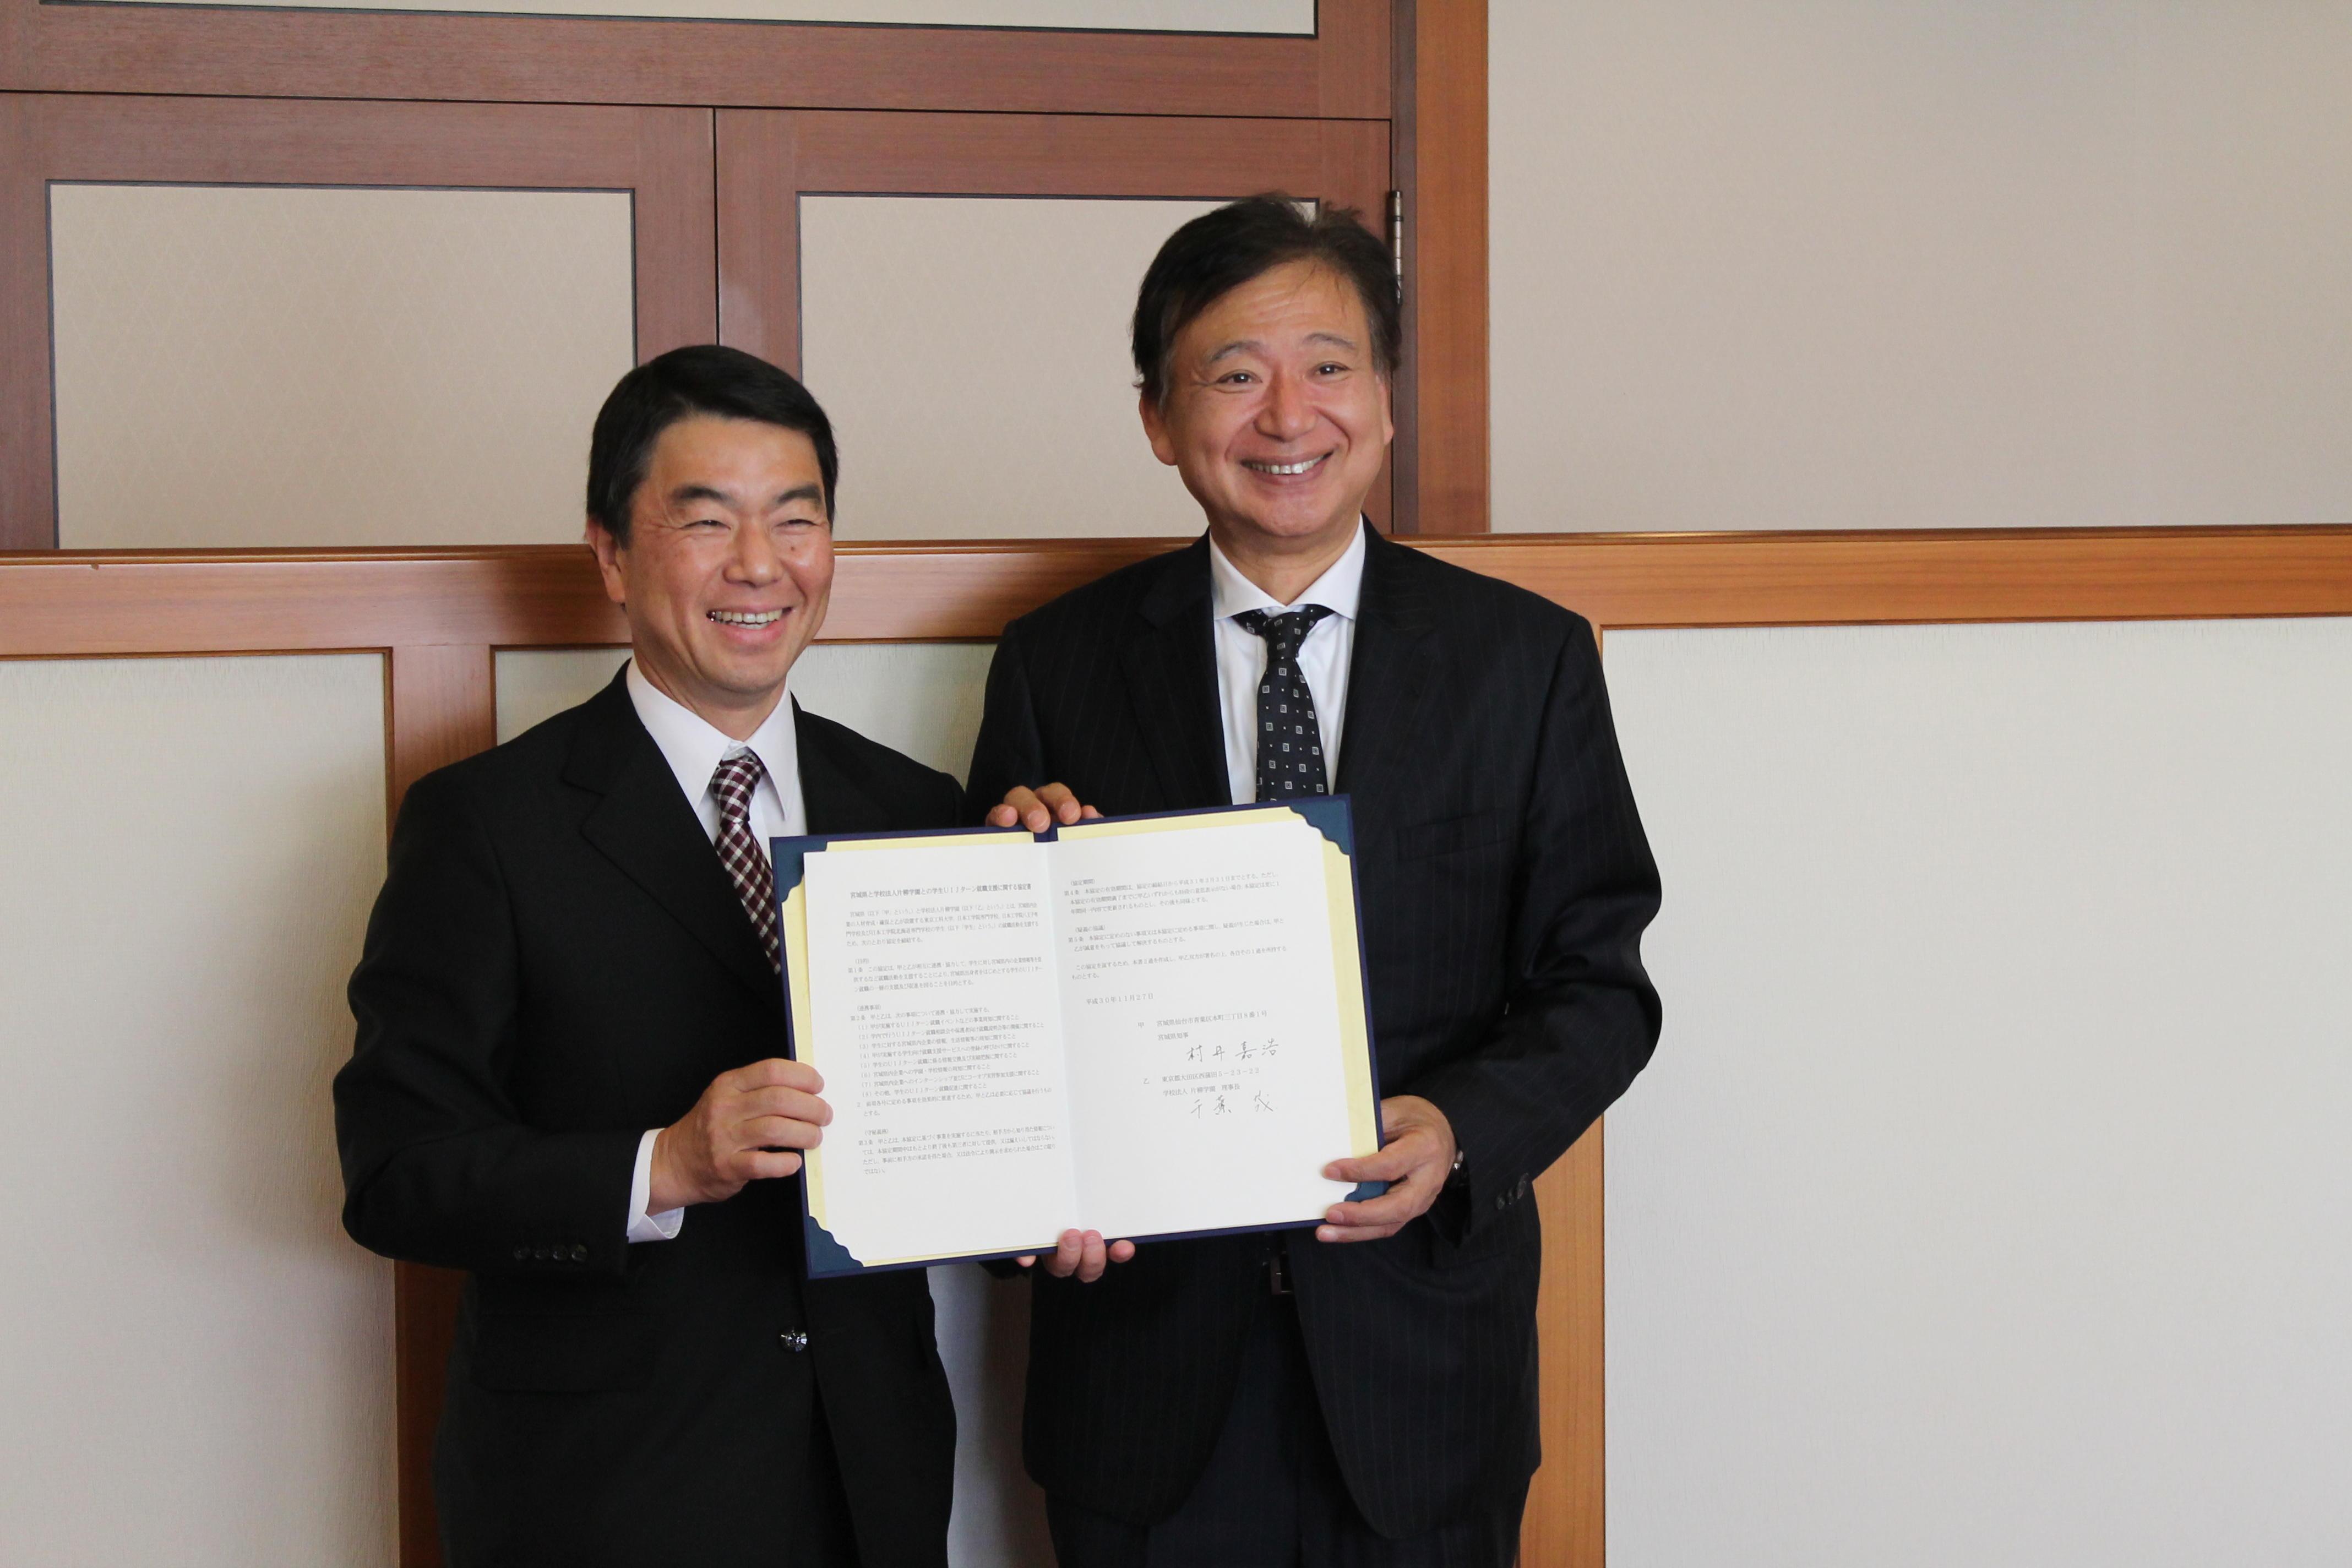 宮城県と「UIJターン就職支援に関する協定」を締結 -- 学校法人片柳学園